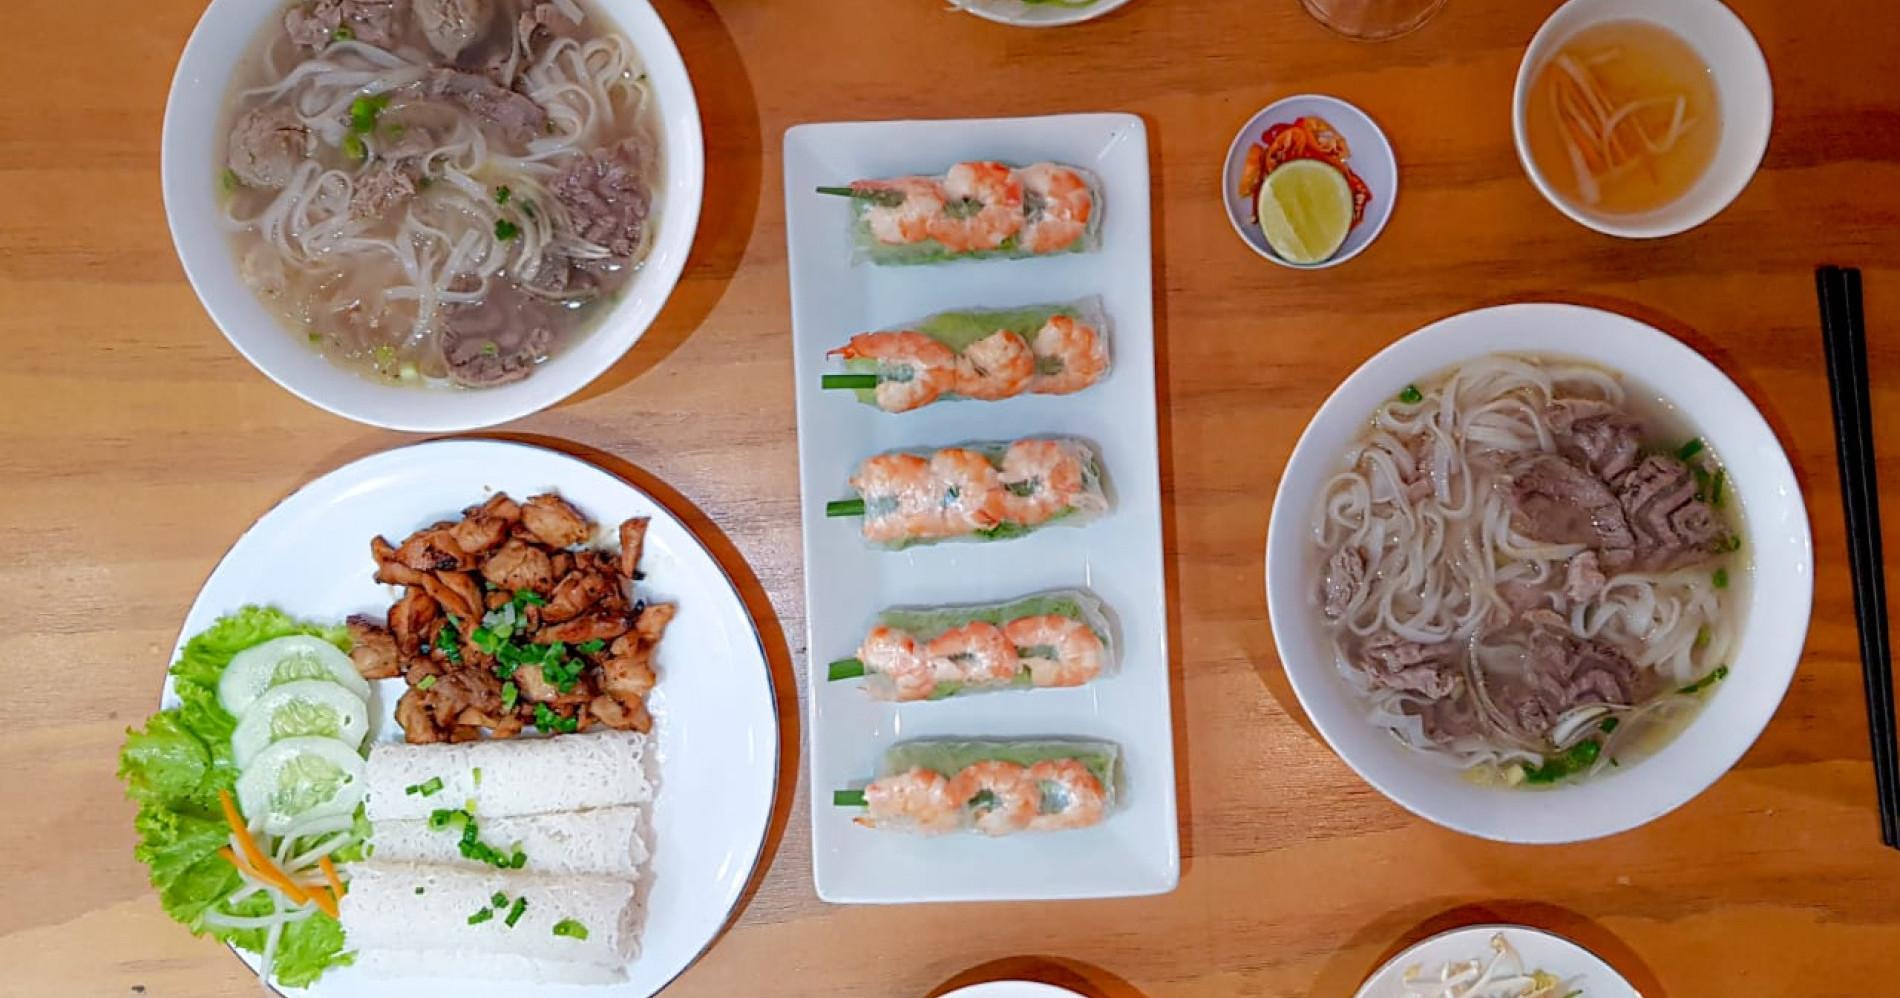 Hidangan yang disajikan di Pho Saigon dekat Stasiun Mangga Besar. (Dok. pribadi)